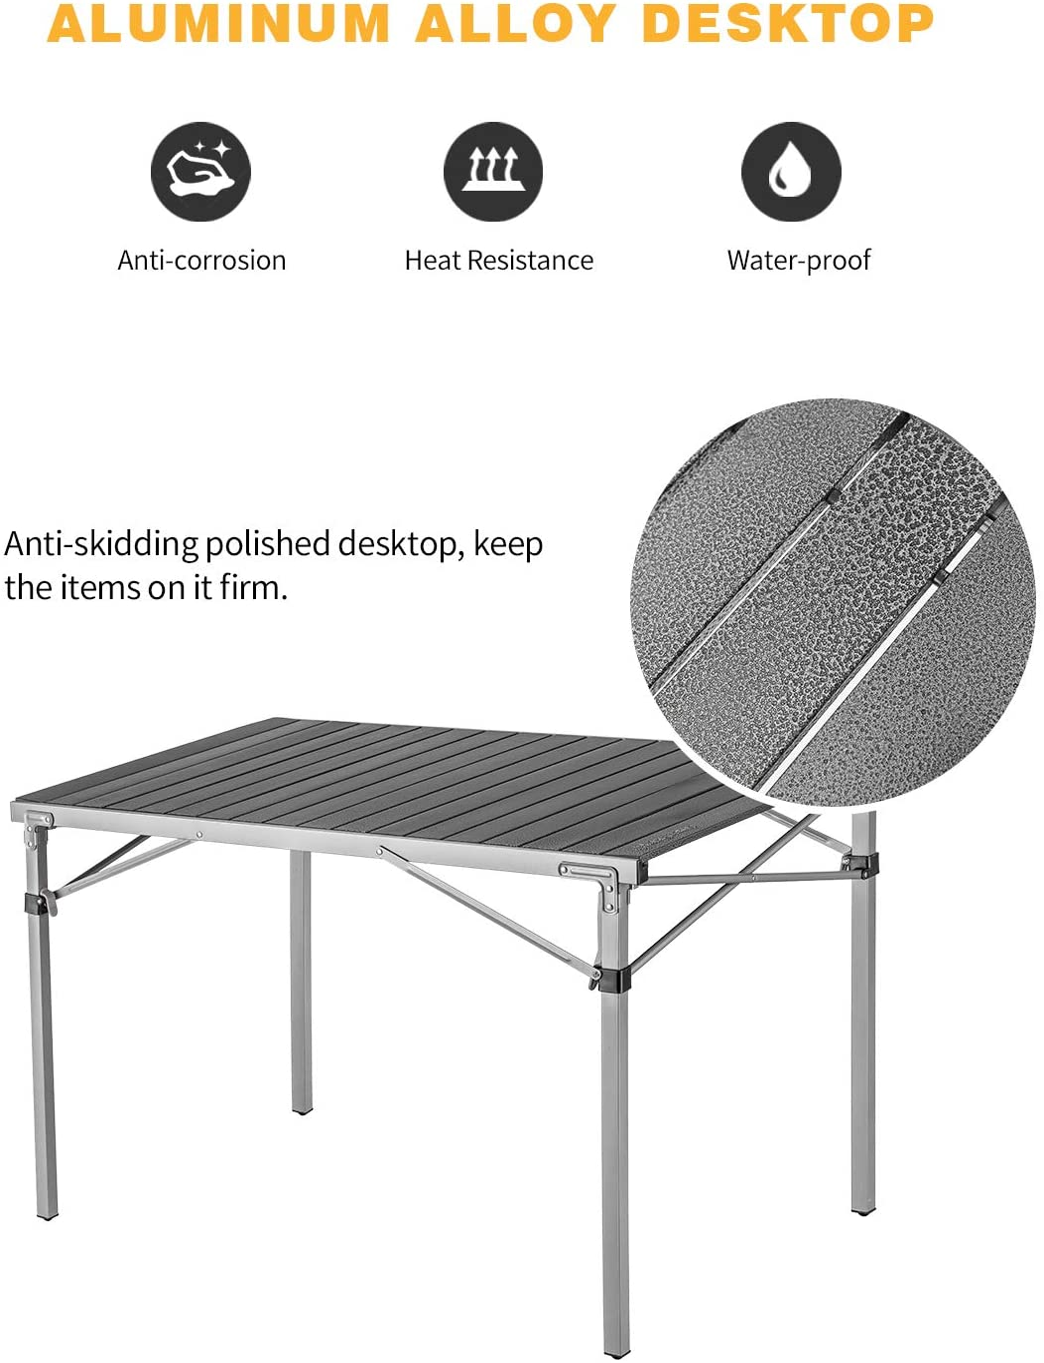 KingCamp Tavolo da Campeggio XL con Struttura in Acciaio Arrotolabile Desktop in Lega di Alluminio Pieghevole con Borsa per Il Trasporto Nero Satinato, Desktop 107 x 70 cm Supporto Fino a 80 kg